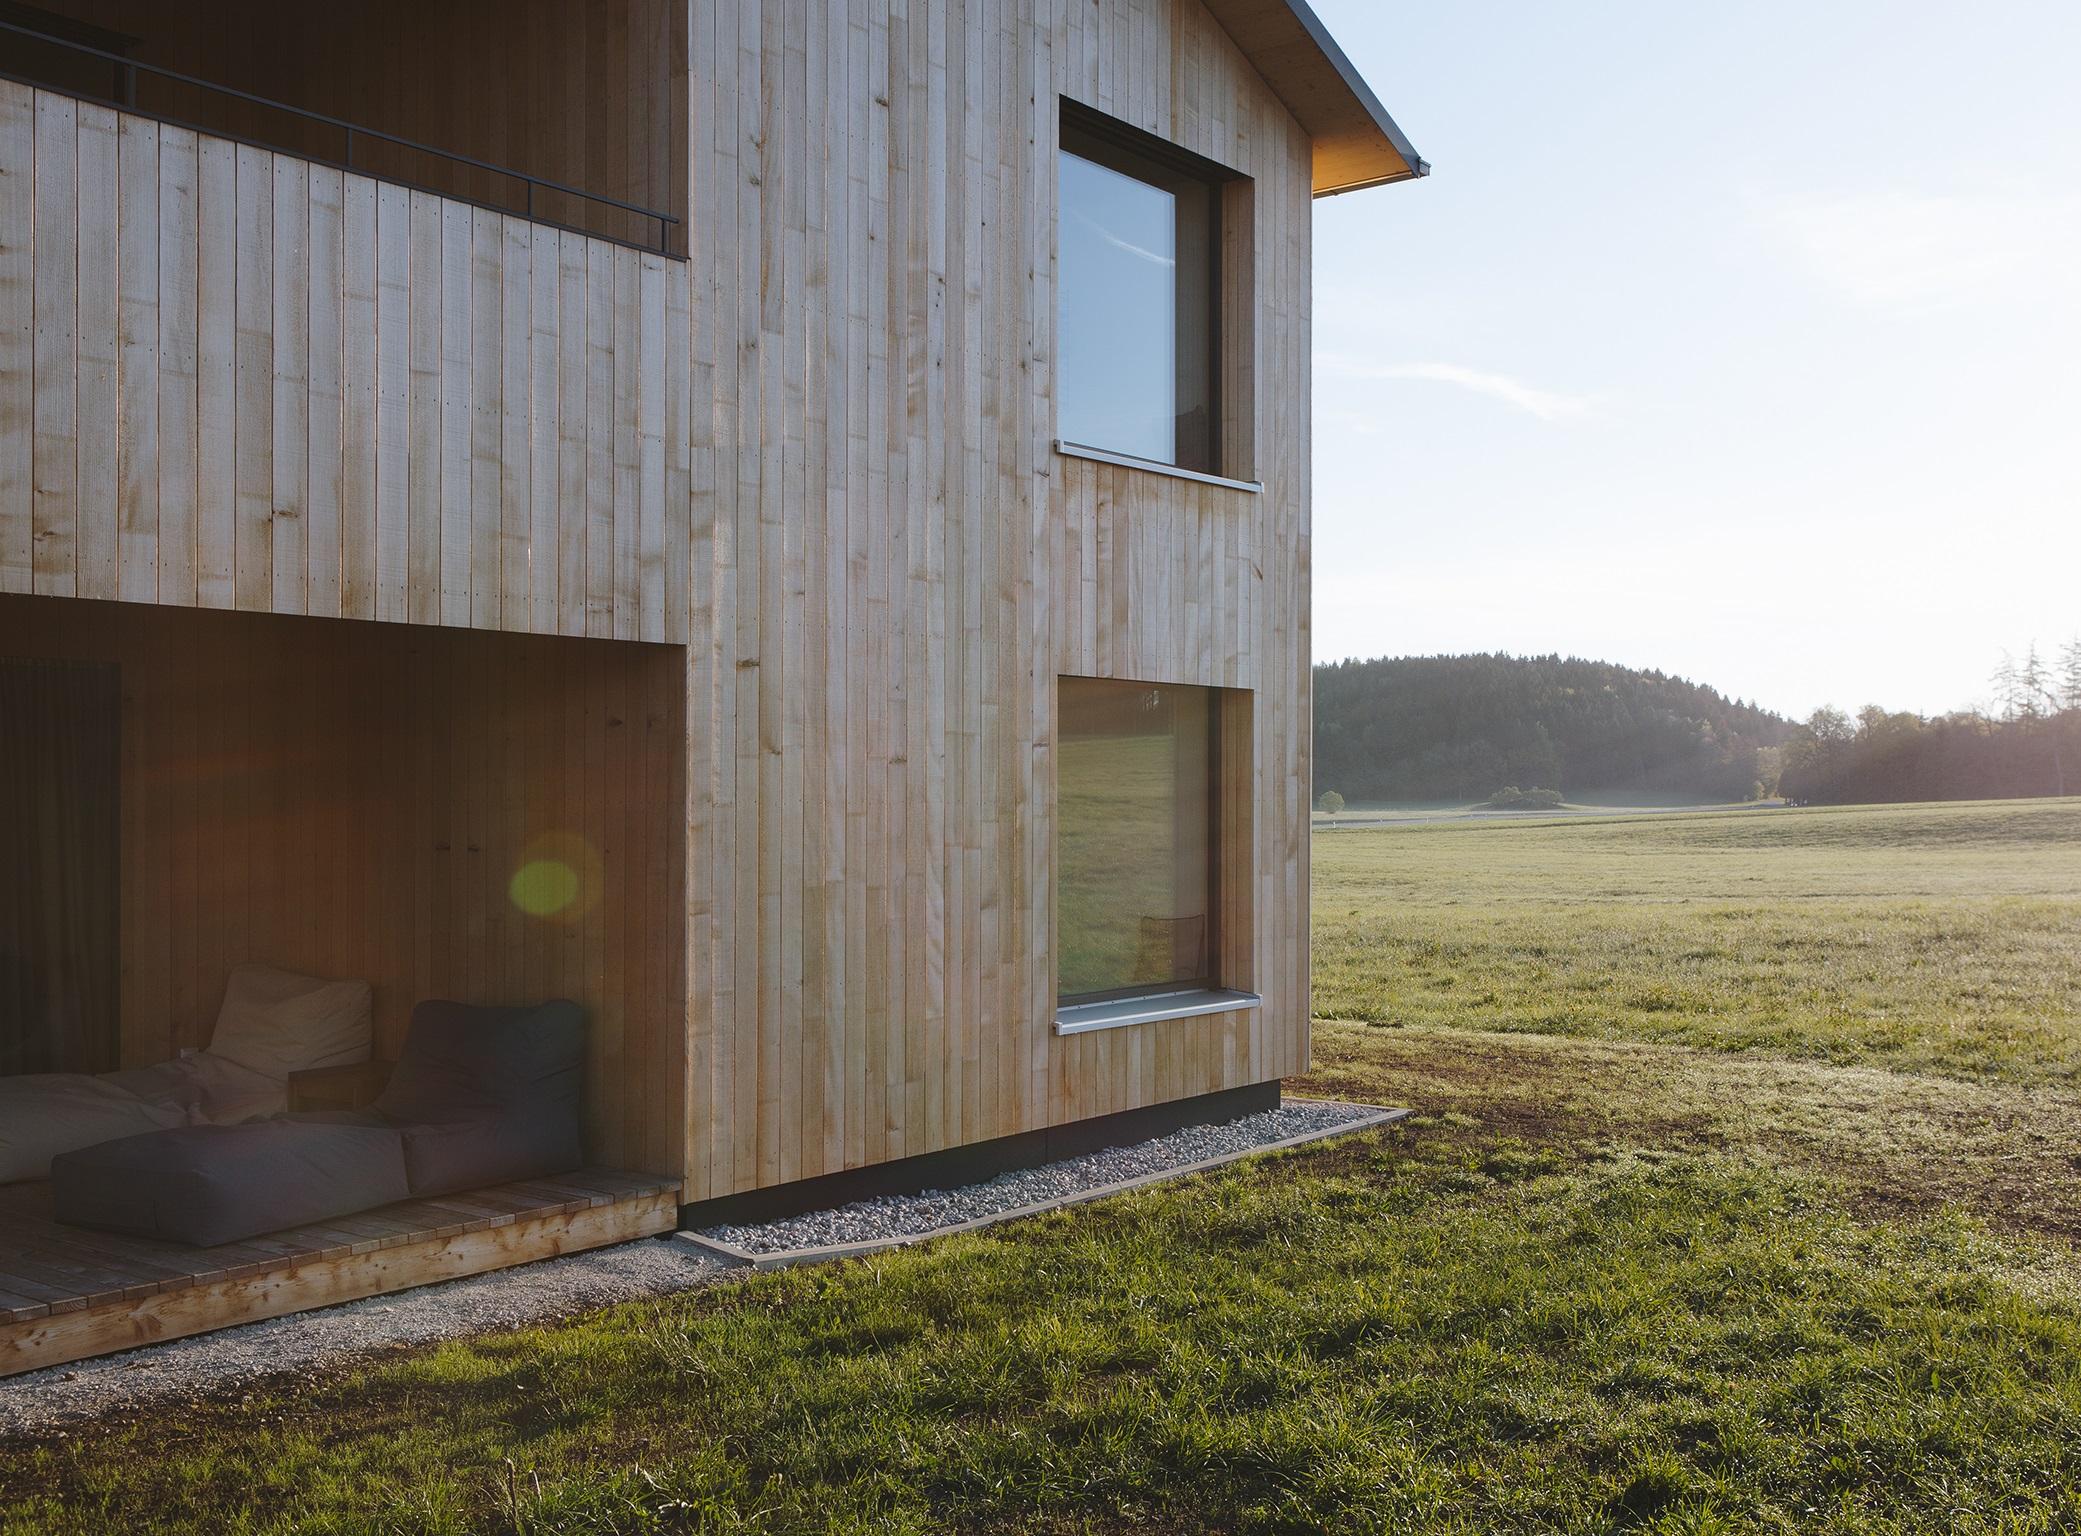 Appartement de vacances Schmidhuber - Ferienhaus im Obstanger (DE Chieming). Ferienwohnung MAX - 1-4 Personen, 2 s (2597106), Chieming, Lac de Chiem, Bavière, Allemagne, image 4